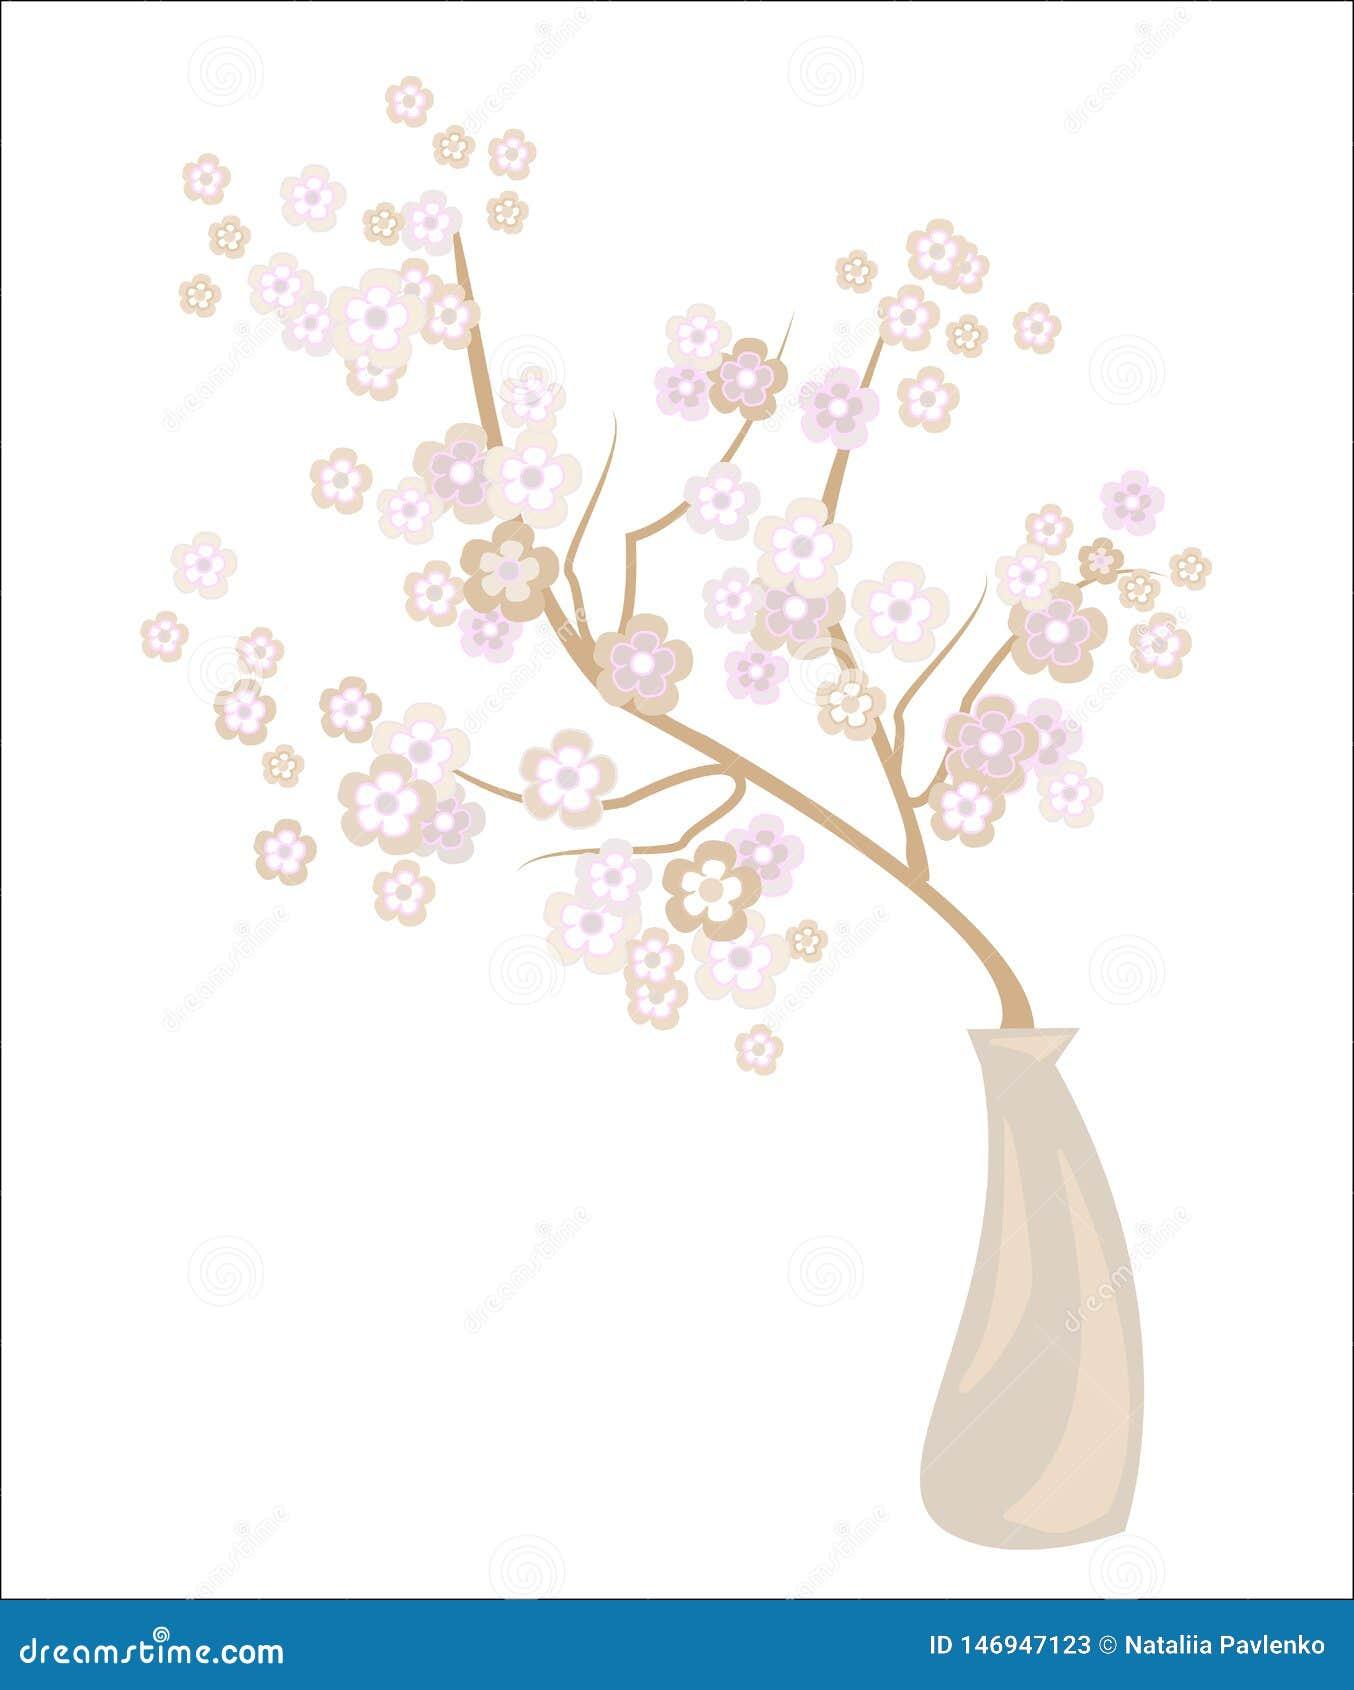 Romantische vaas met een gevoelige kersenbloesem Uitstekende bloemblaadjes en gevoelige bloemengeur Decoratie van een feestelijke